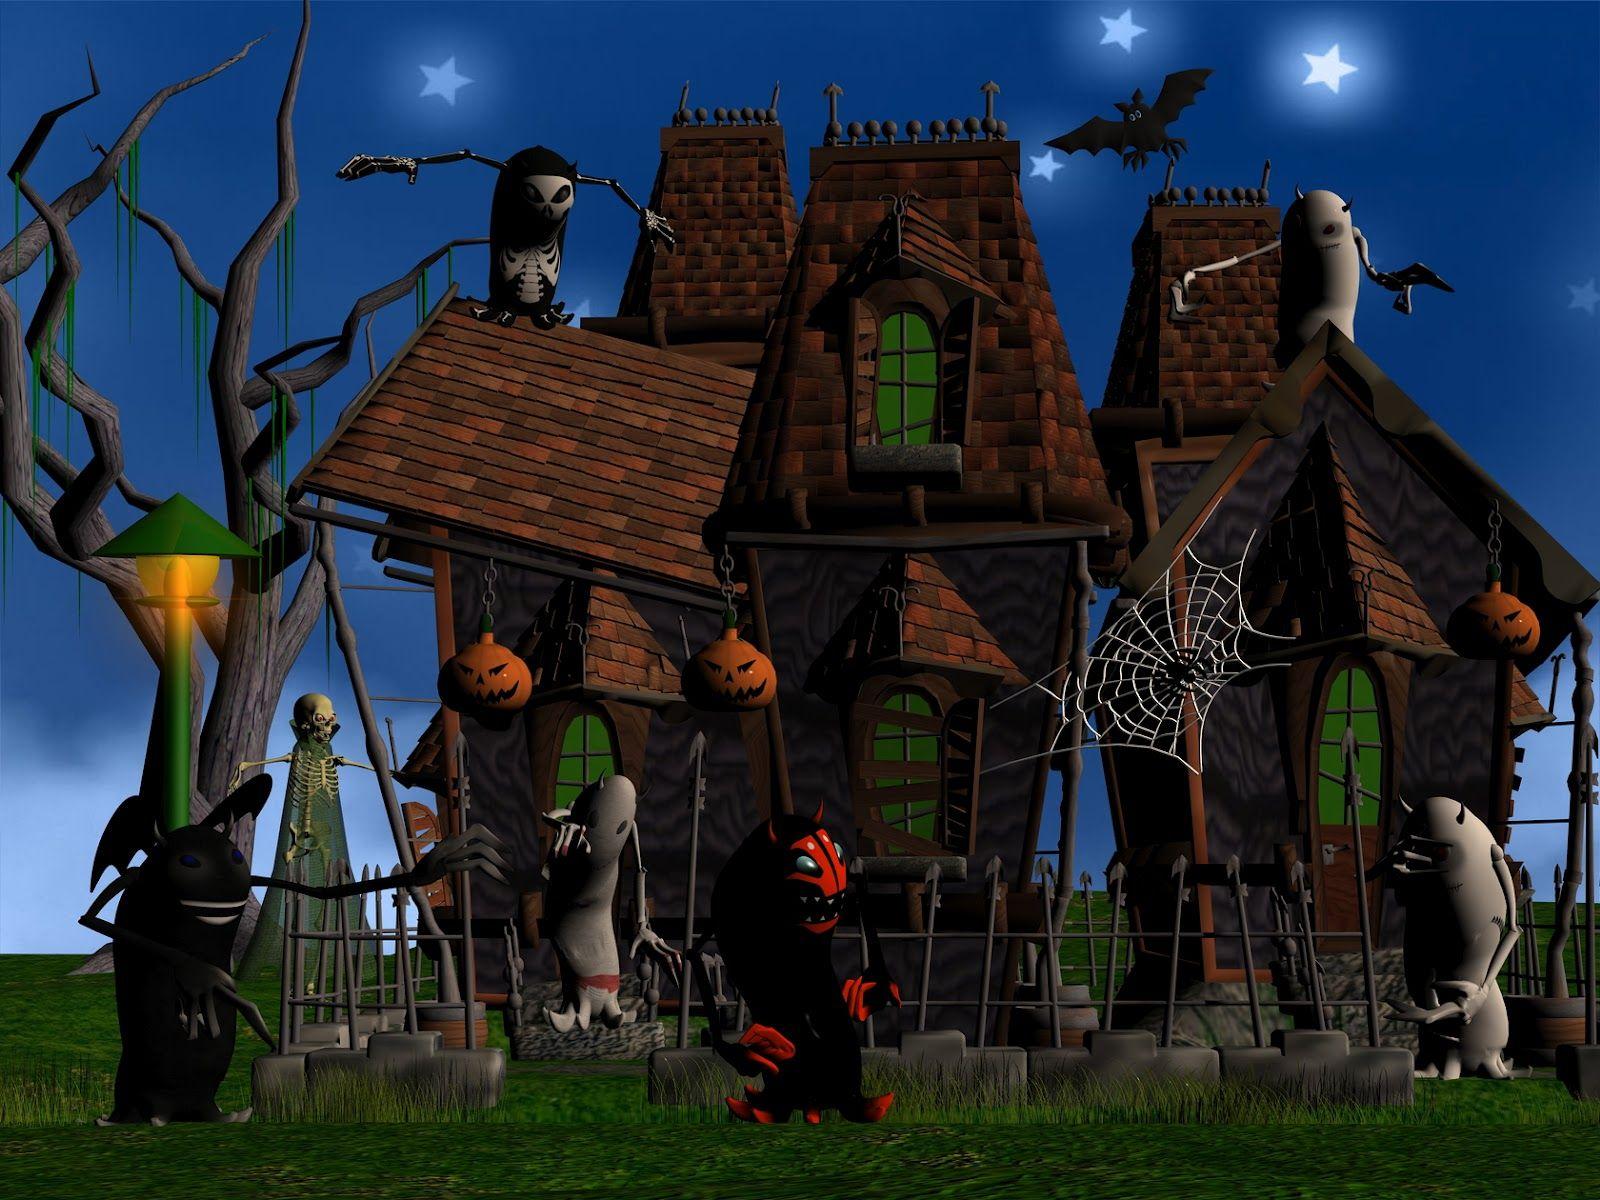 3d Happy Halloween Wallpaper With Images Halloween Haunted